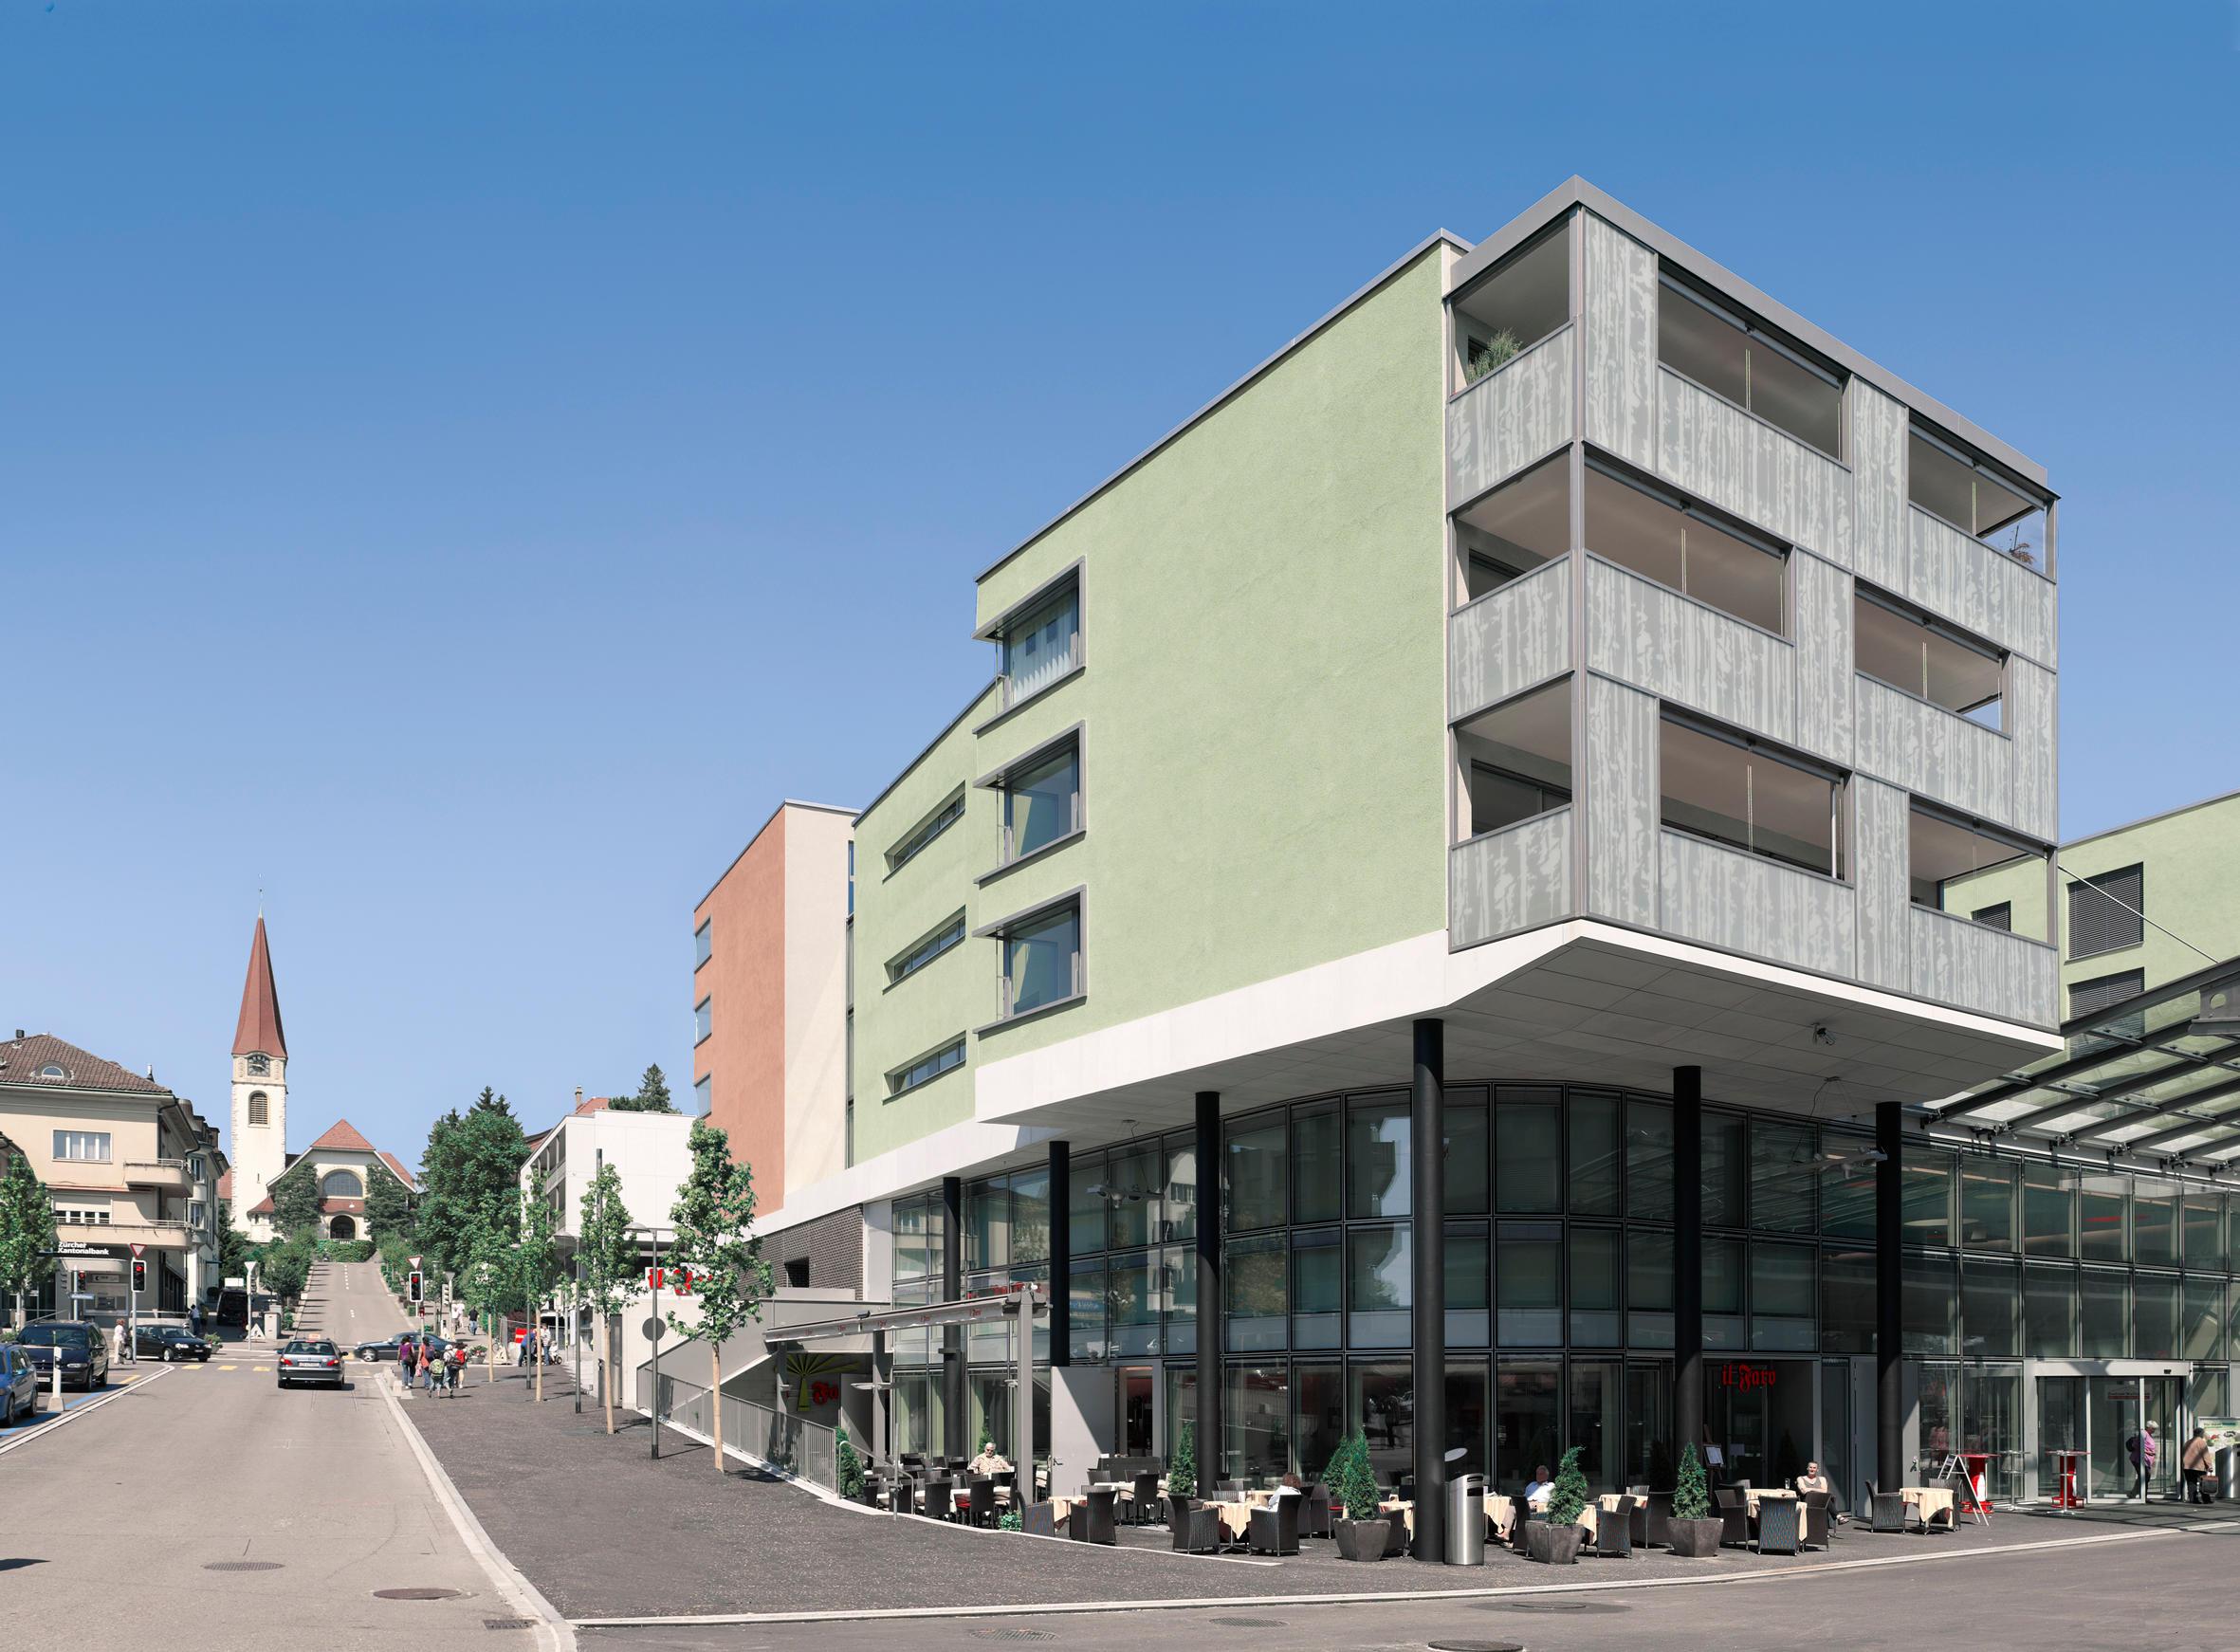 Spannverbund Bausysteme GmbH